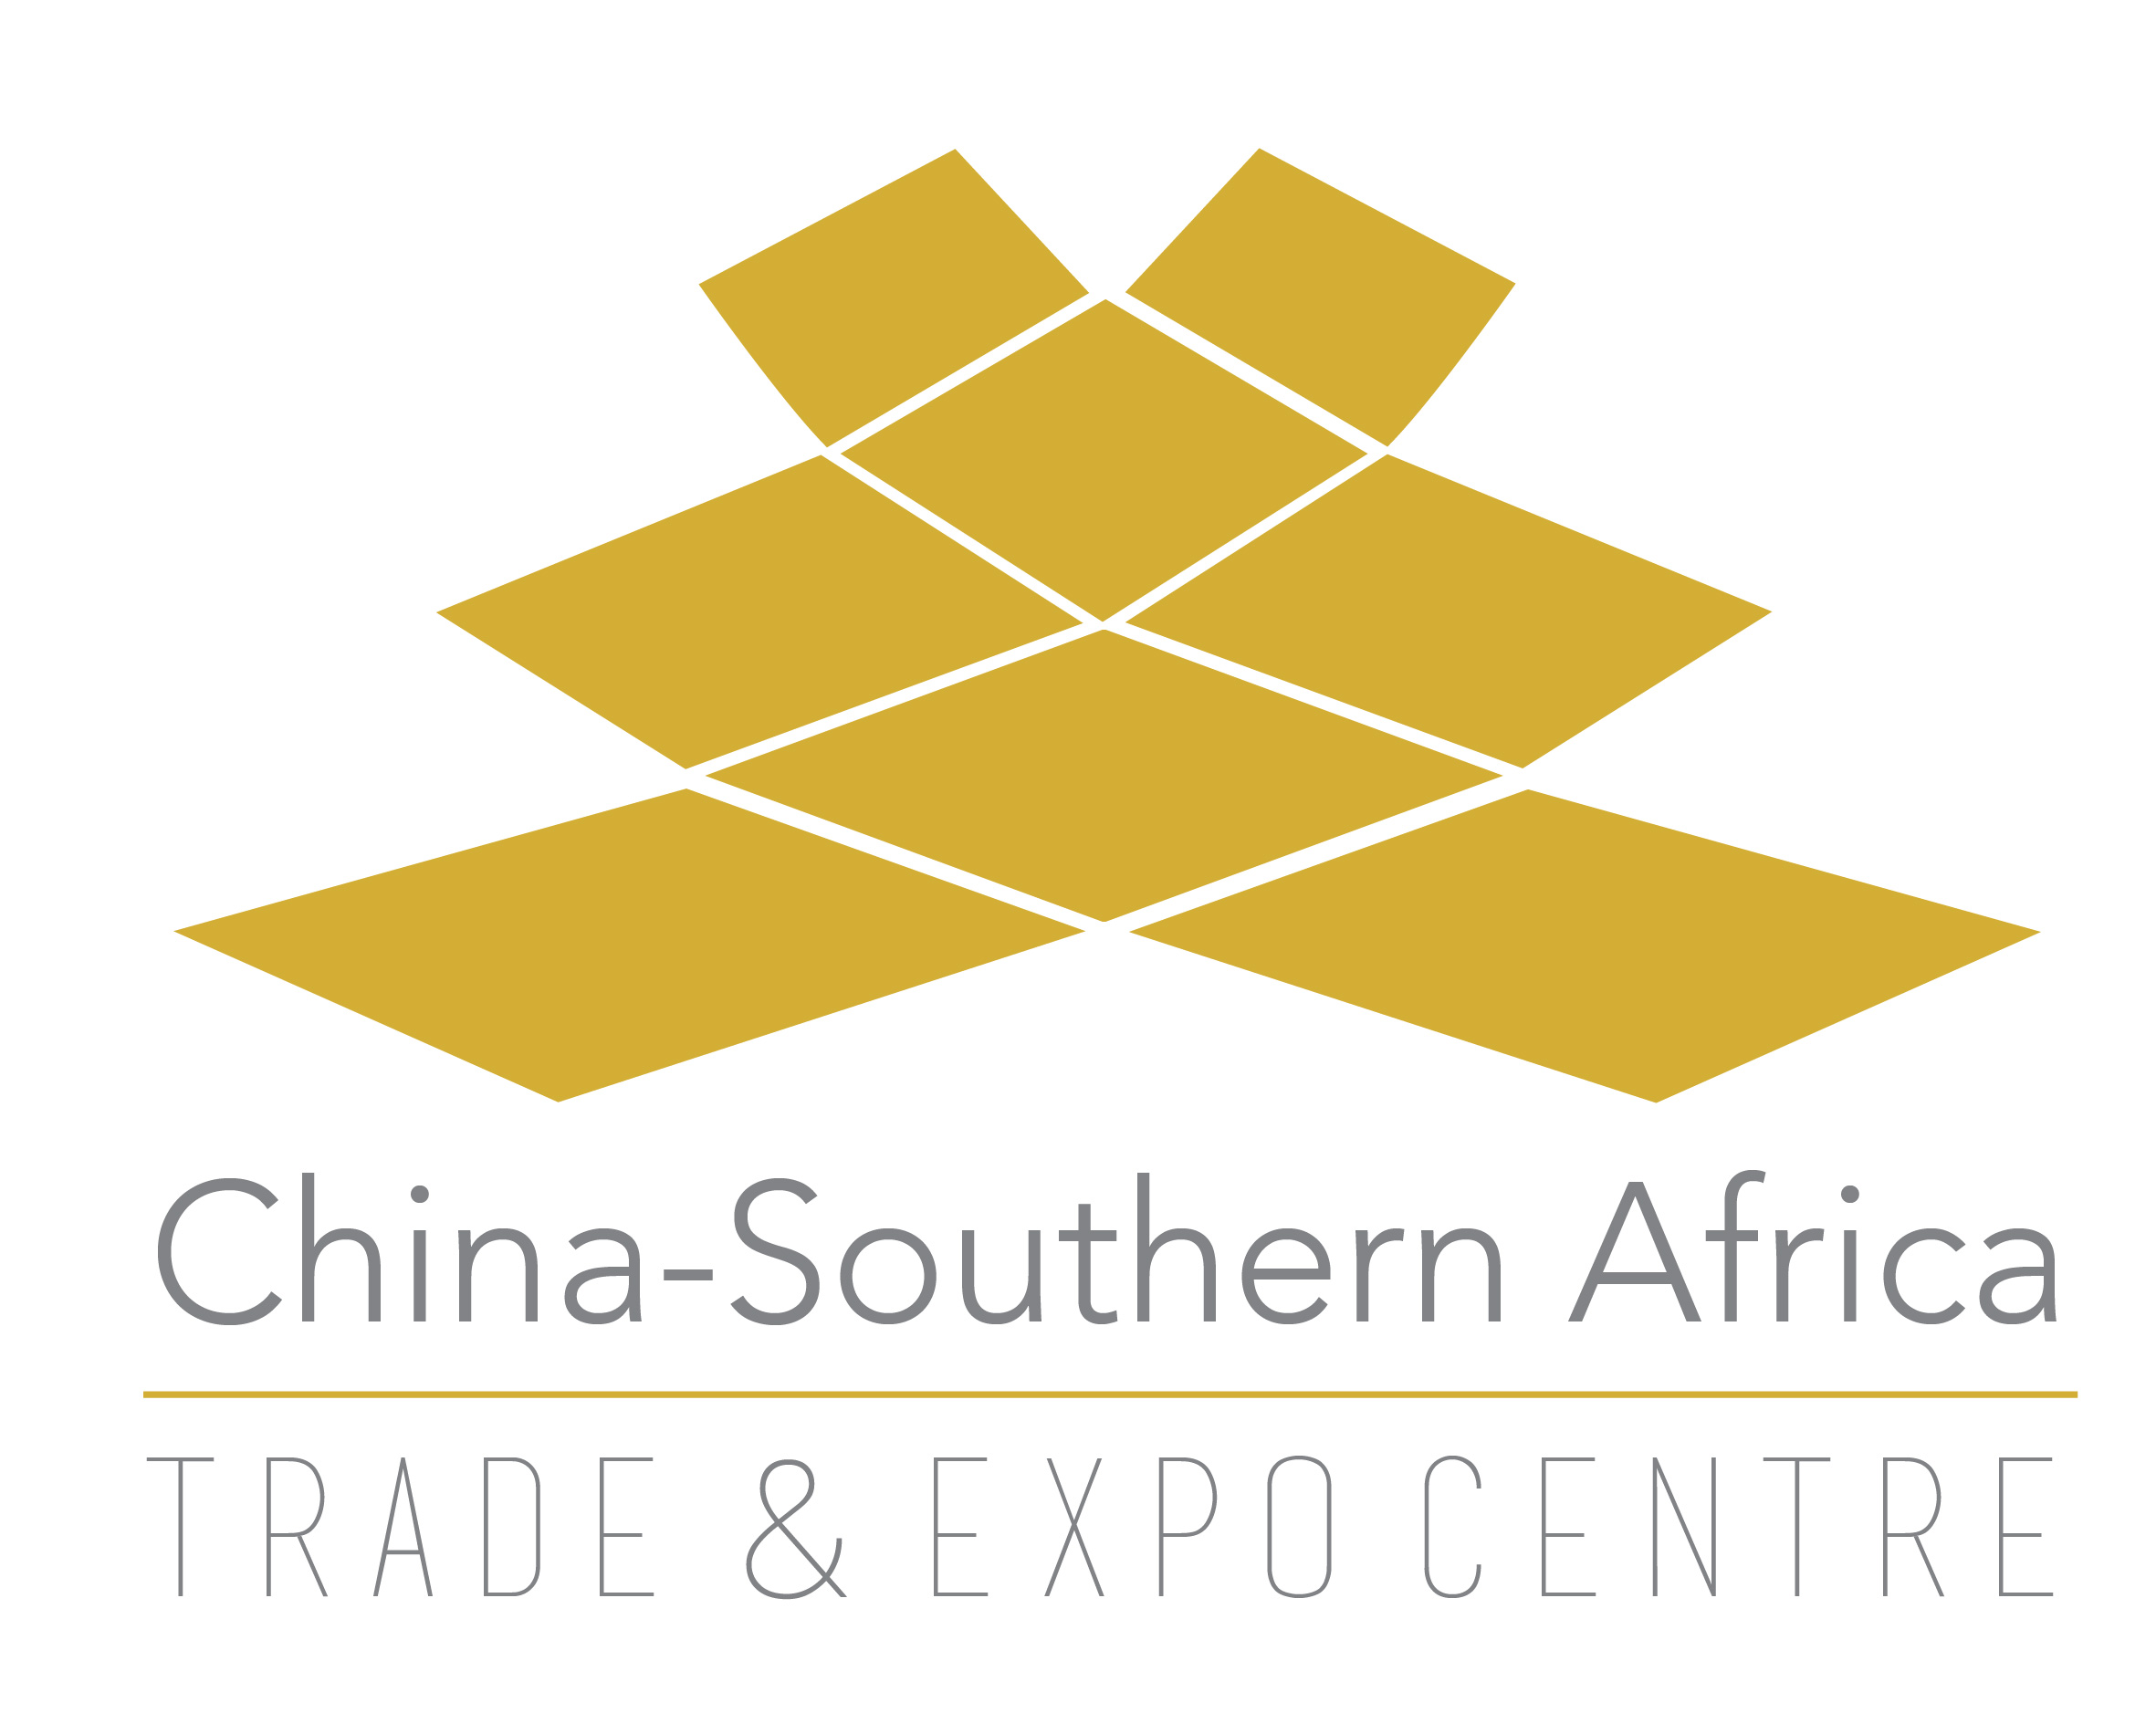 China trader logo-01